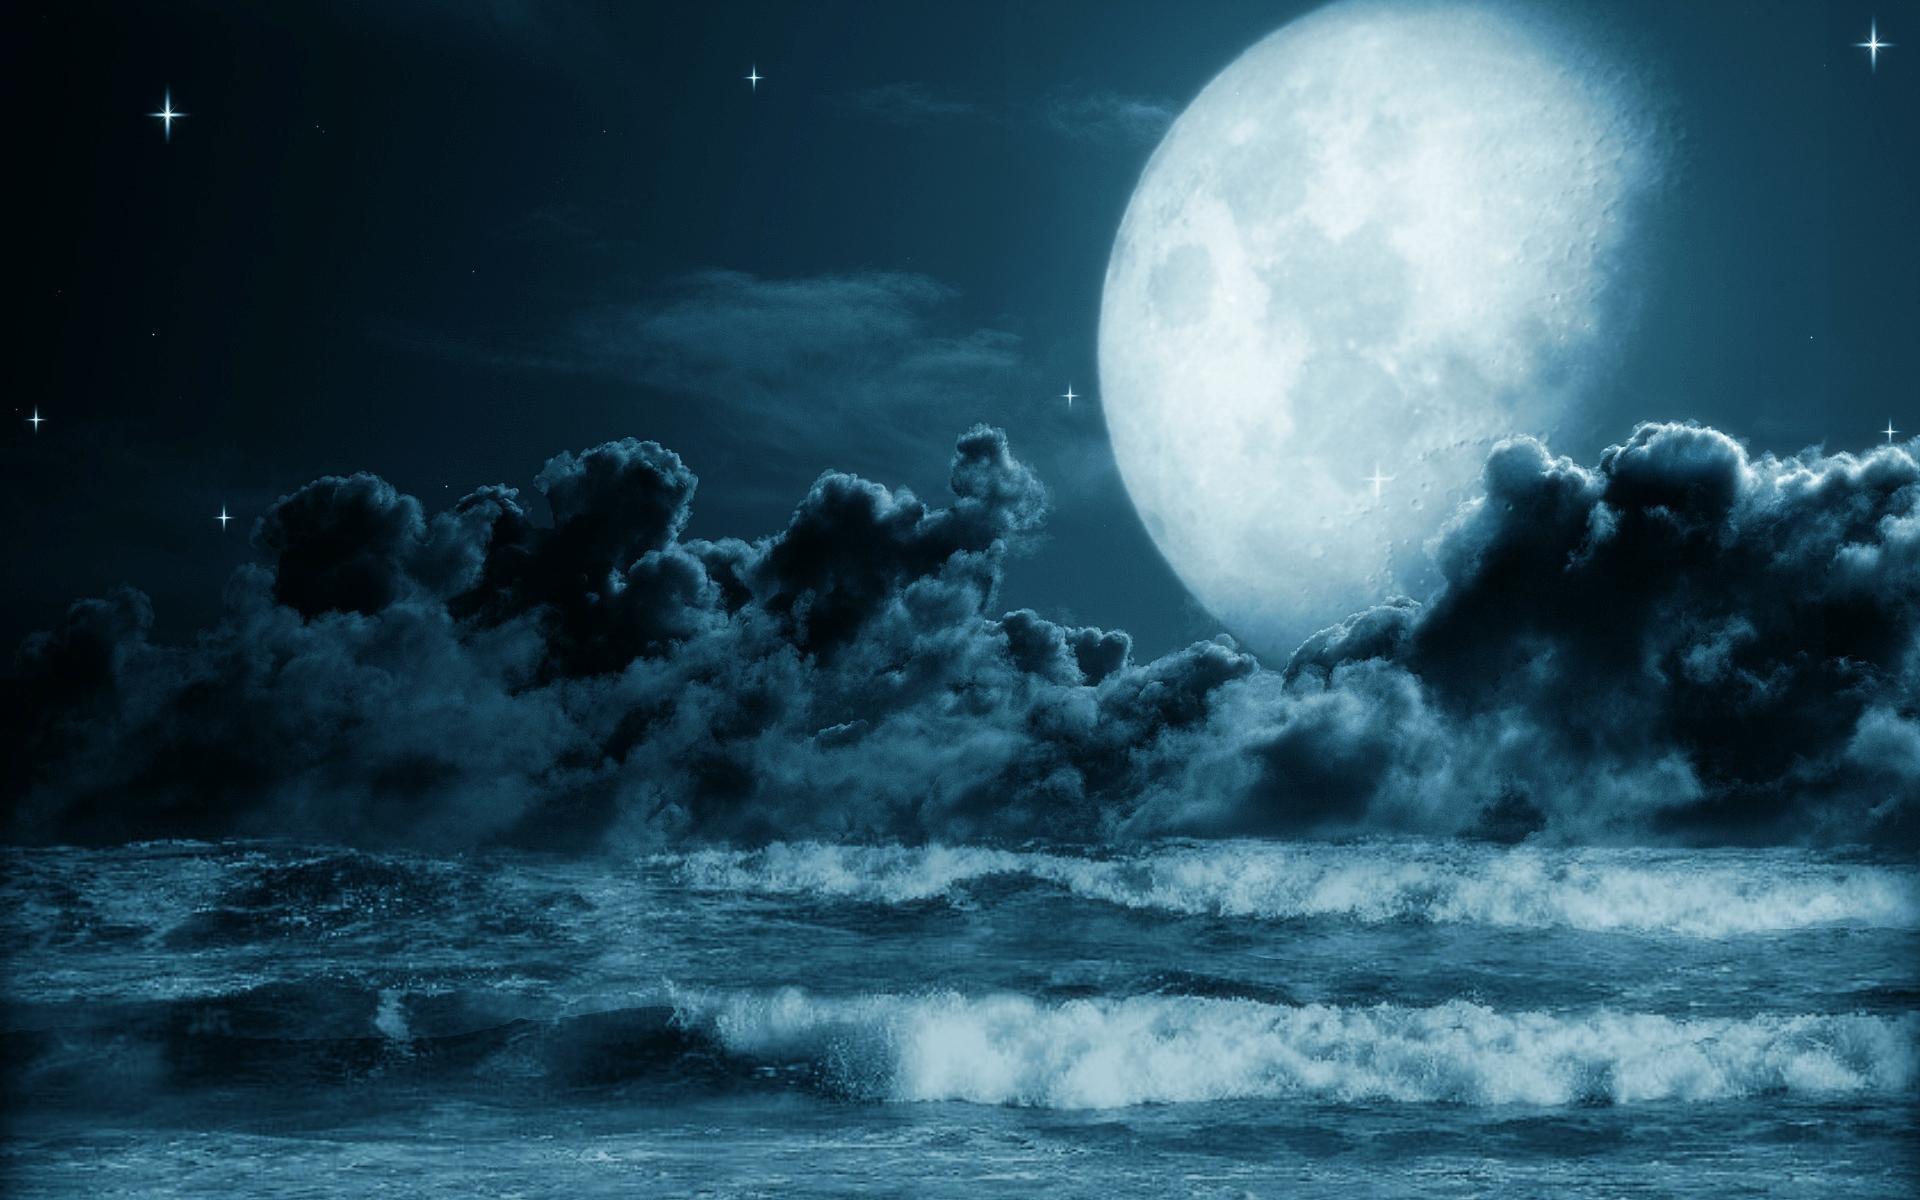 Fotos de lua cheia no mar 29